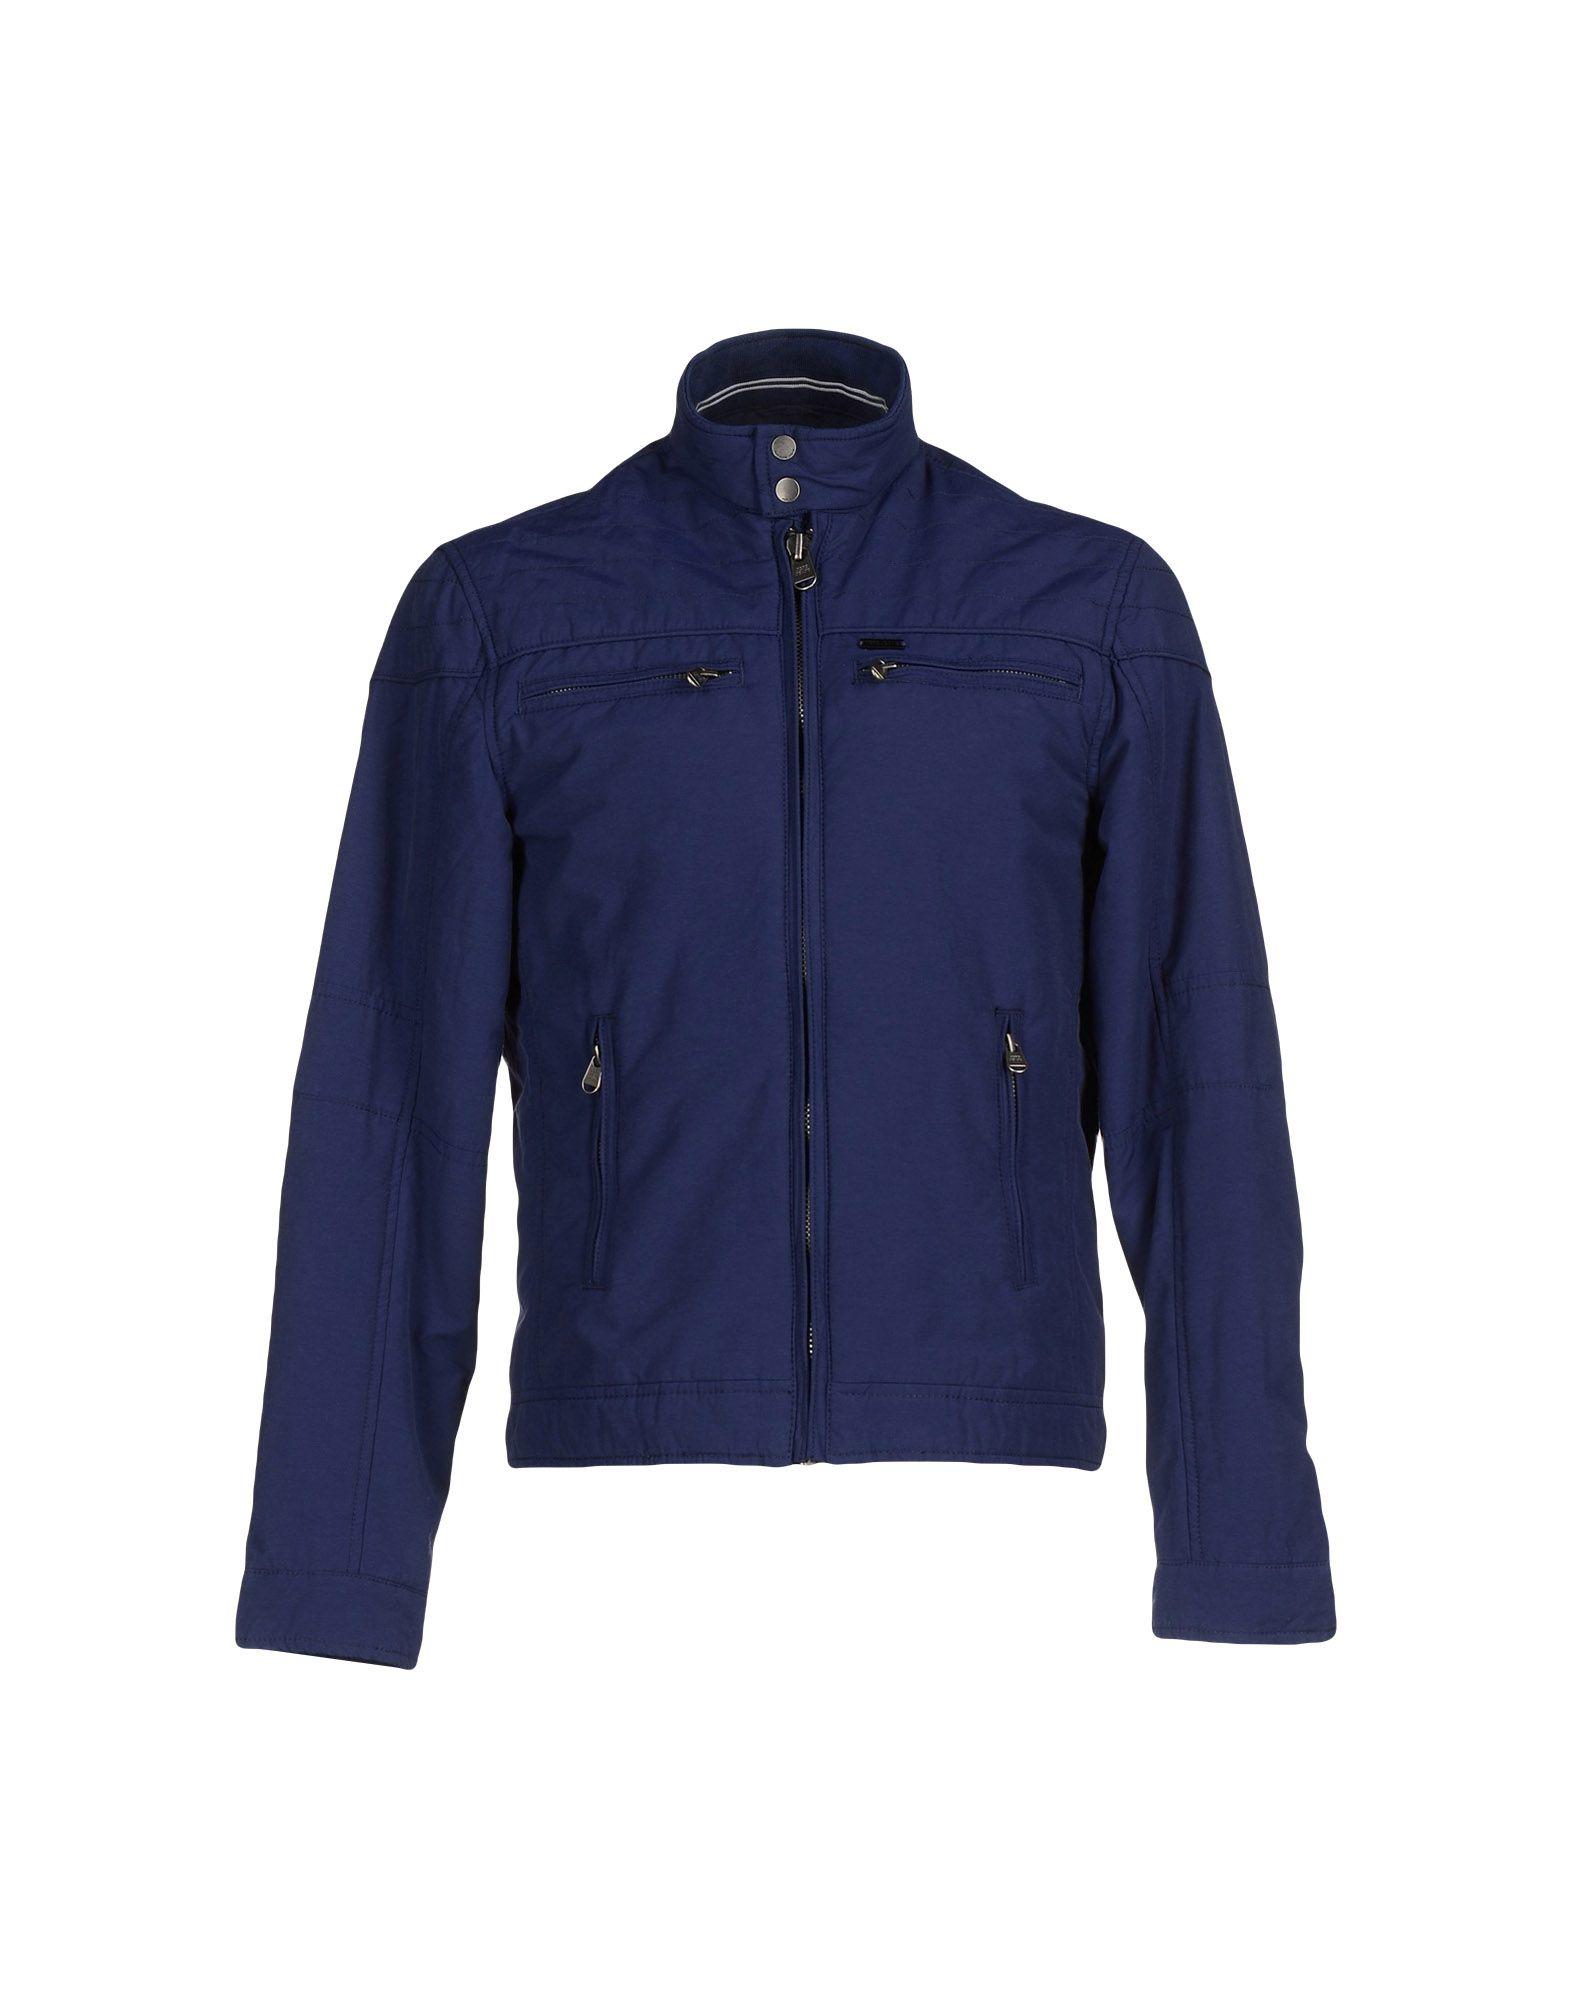 lyst pepe jeans jacket in blue for men. Black Bedroom Furniture Sets. Home Design Ideas